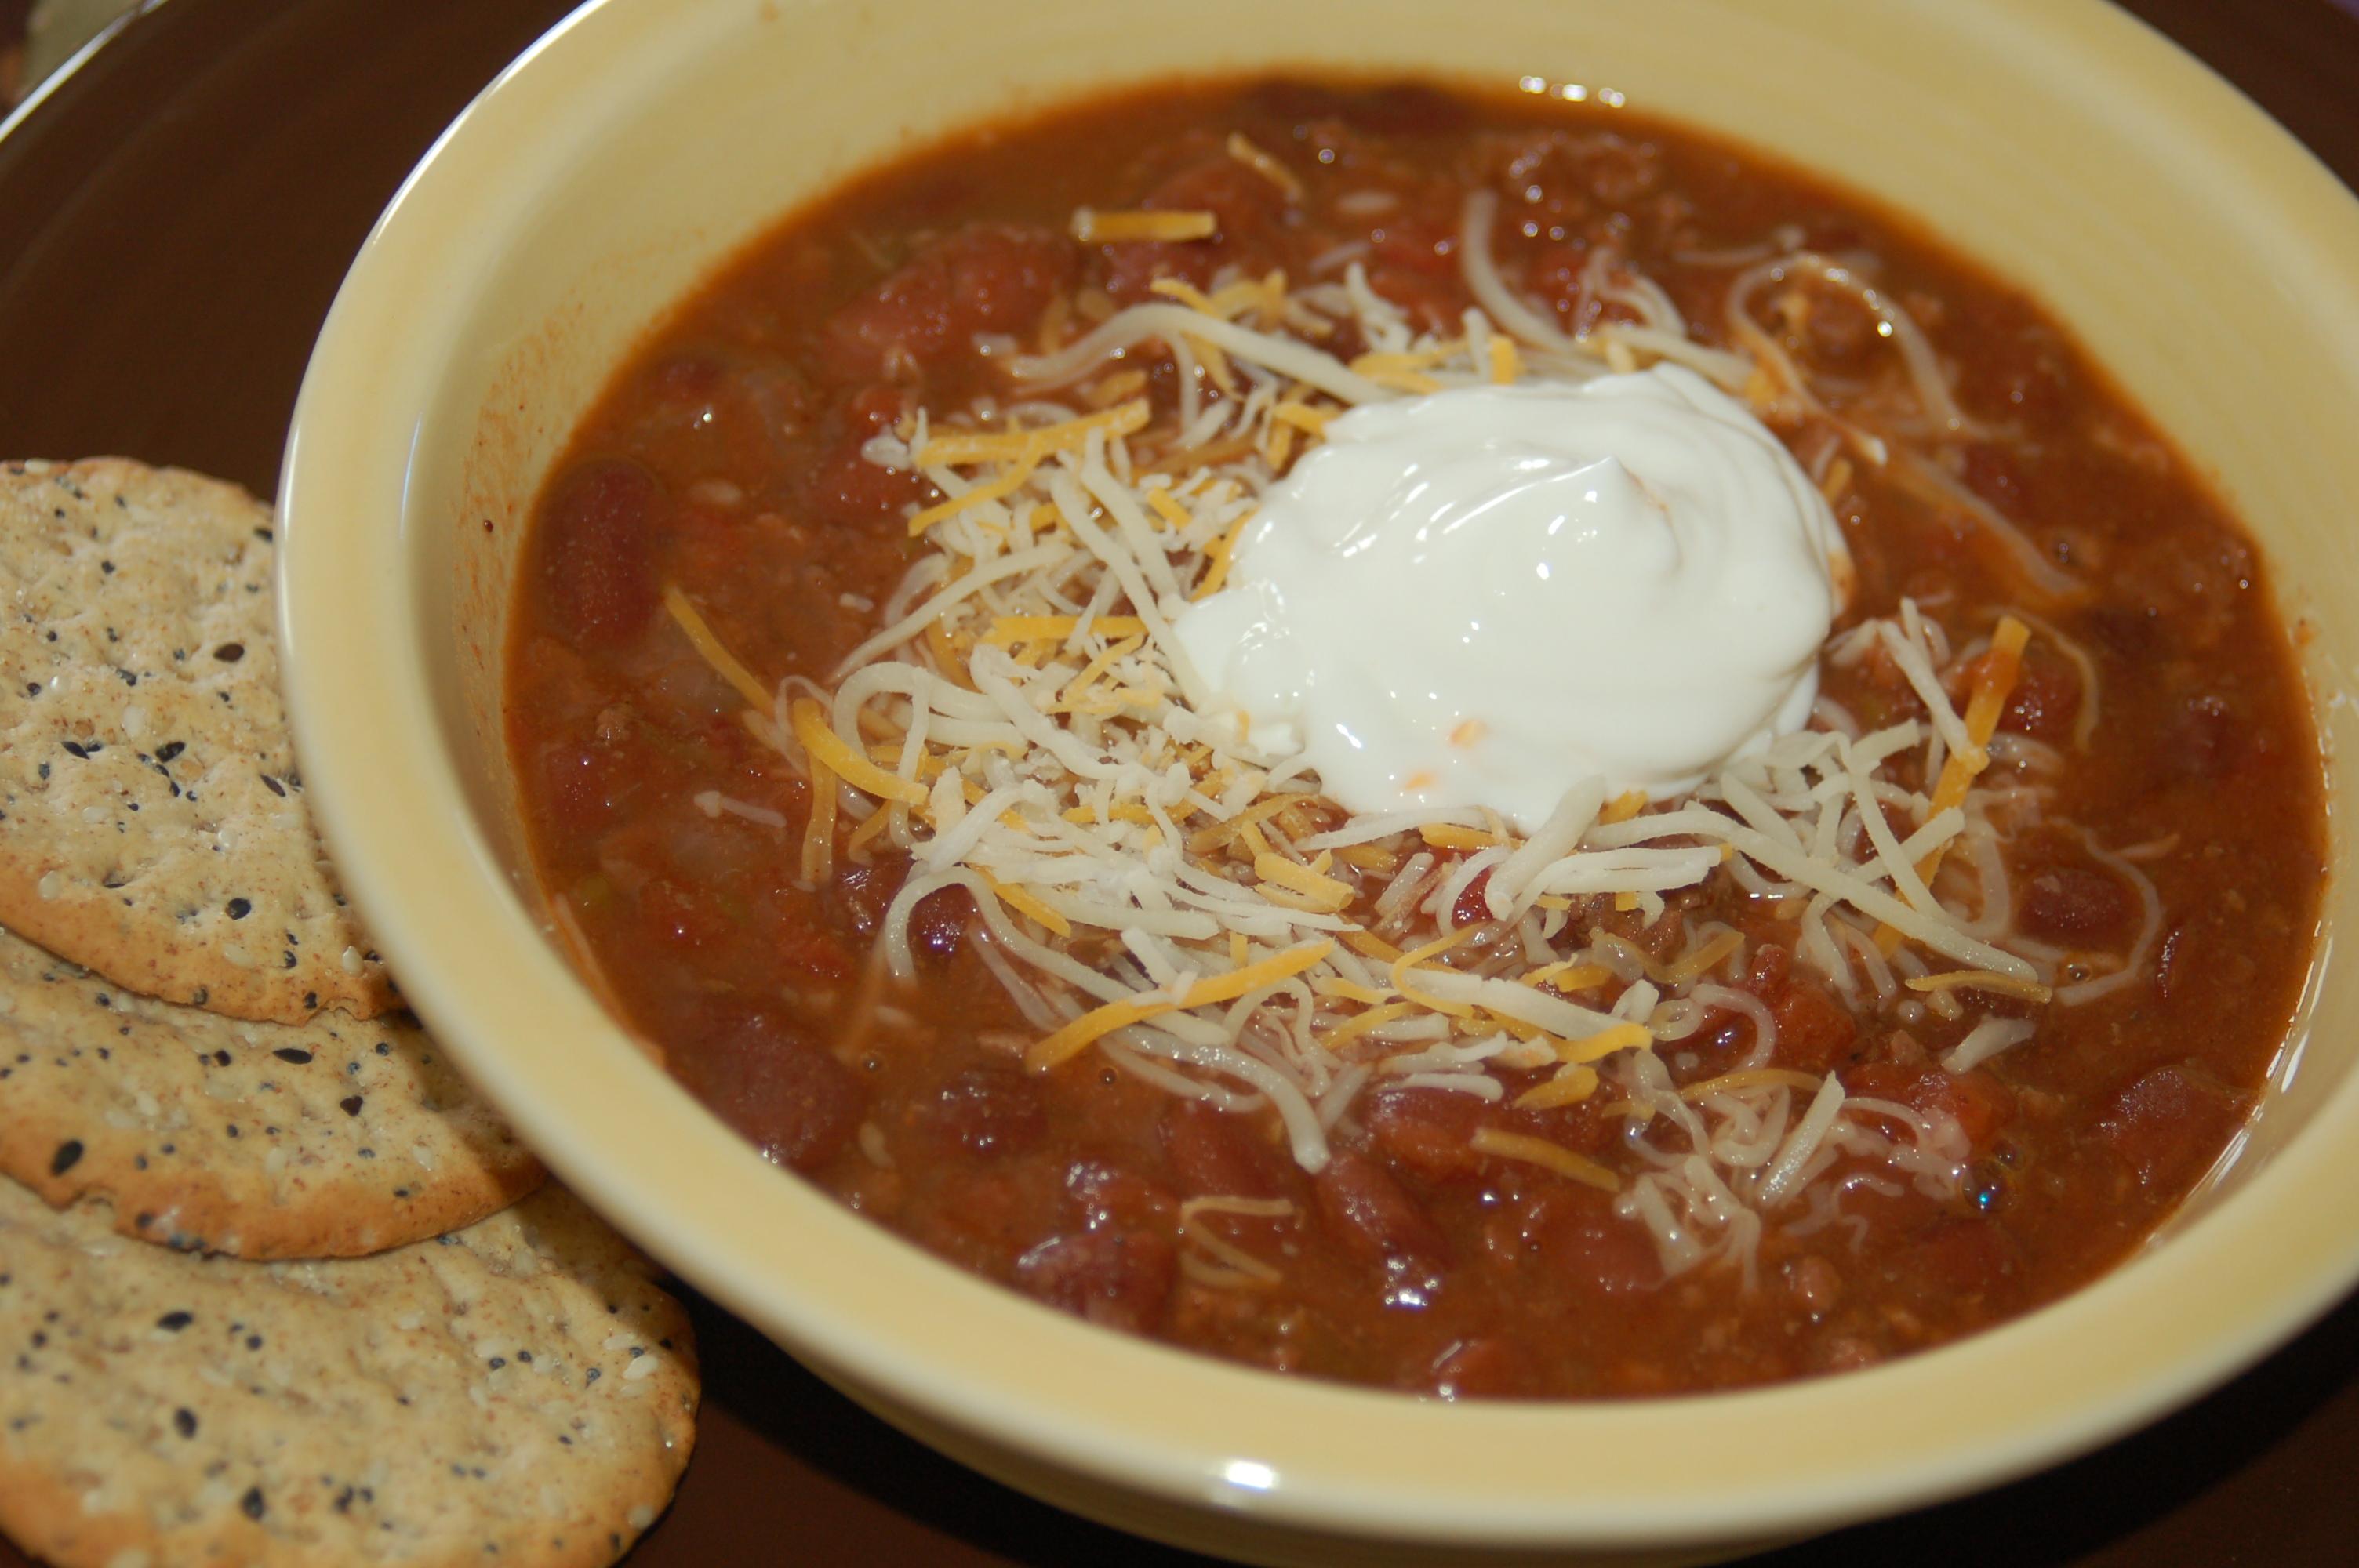 ... zest mom s chili beans g mom s chili bean soup mom s chili recipe